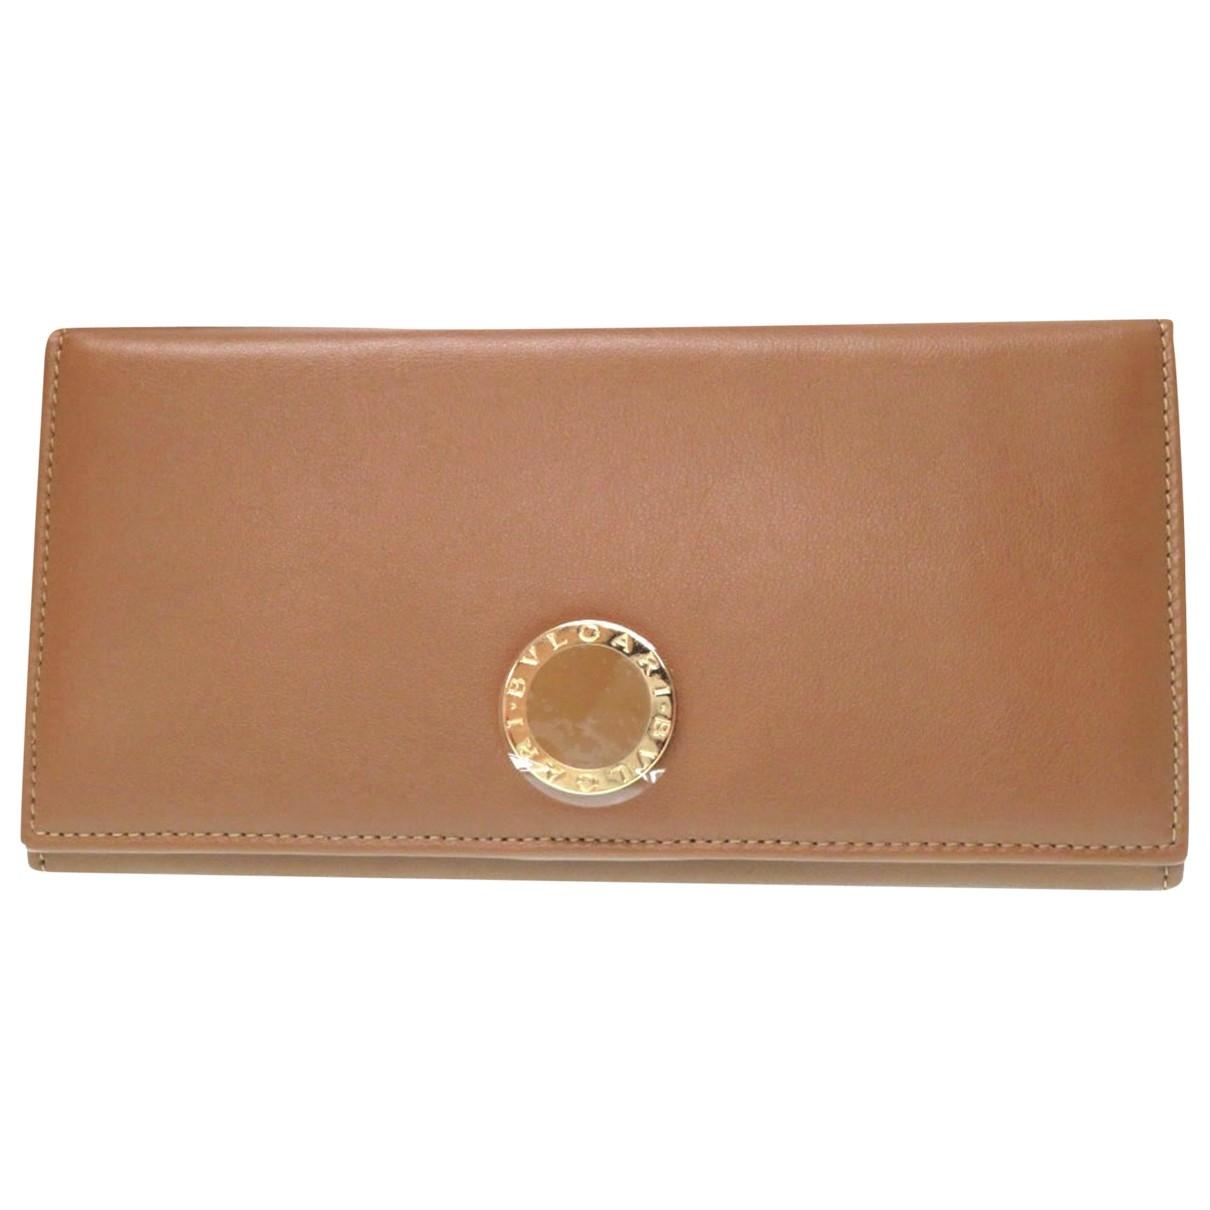 Bvlgari - Portefeuille   pour femme en cuir - marron